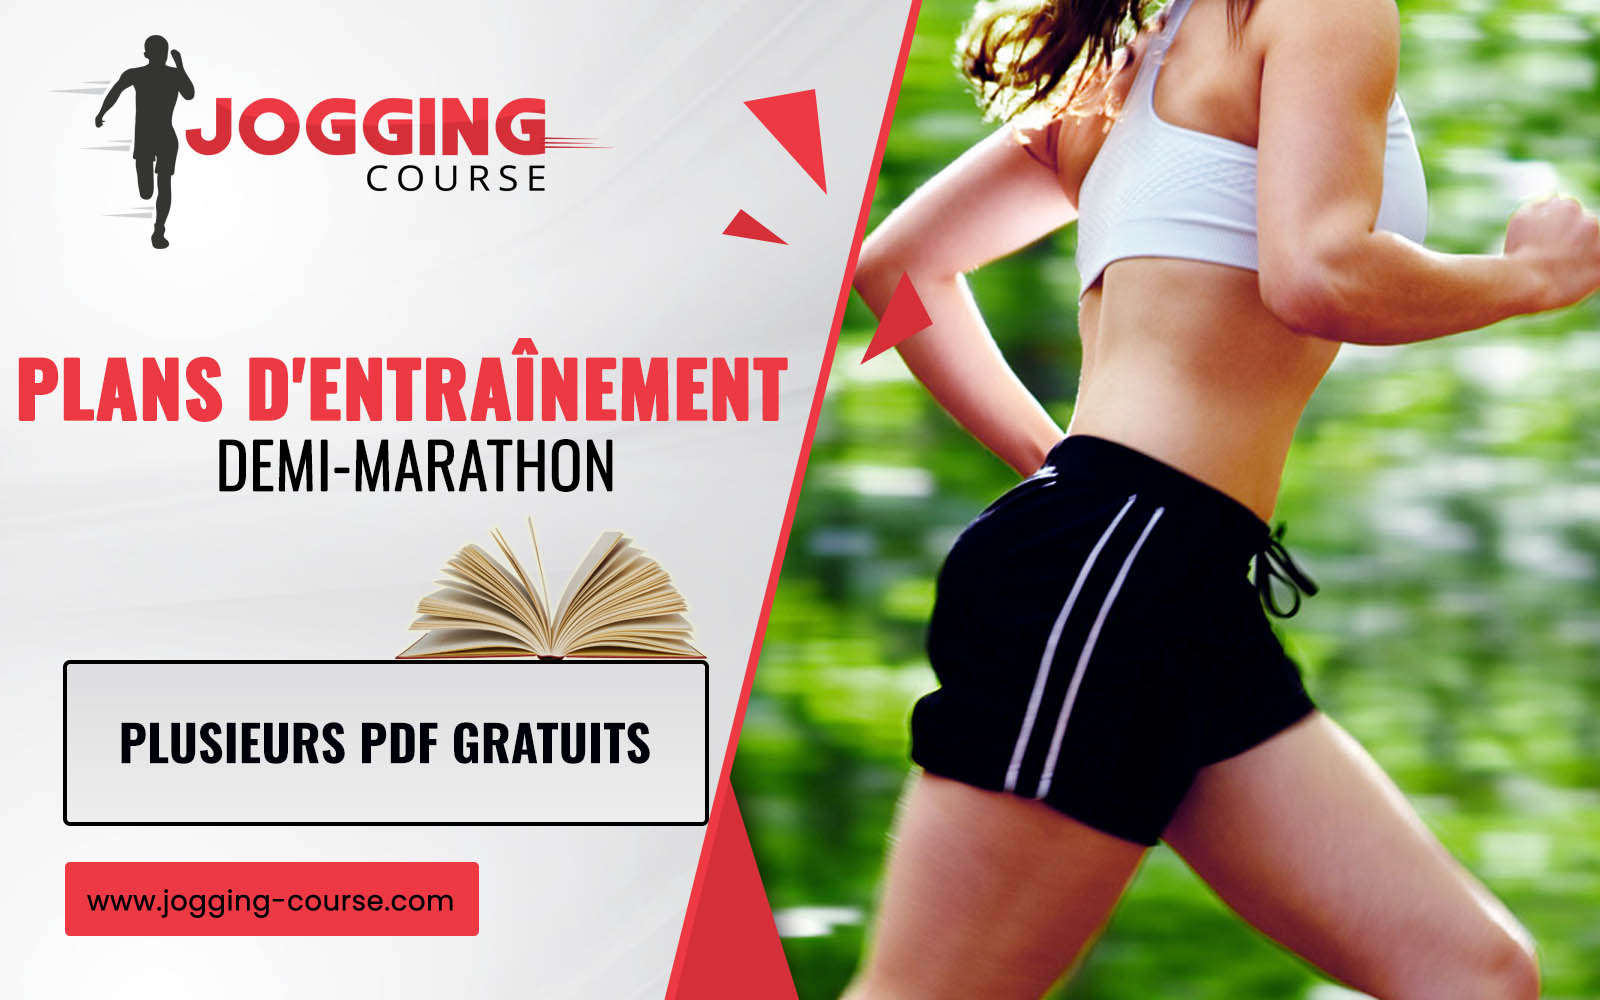 Plans d'entraînement demi-marathon